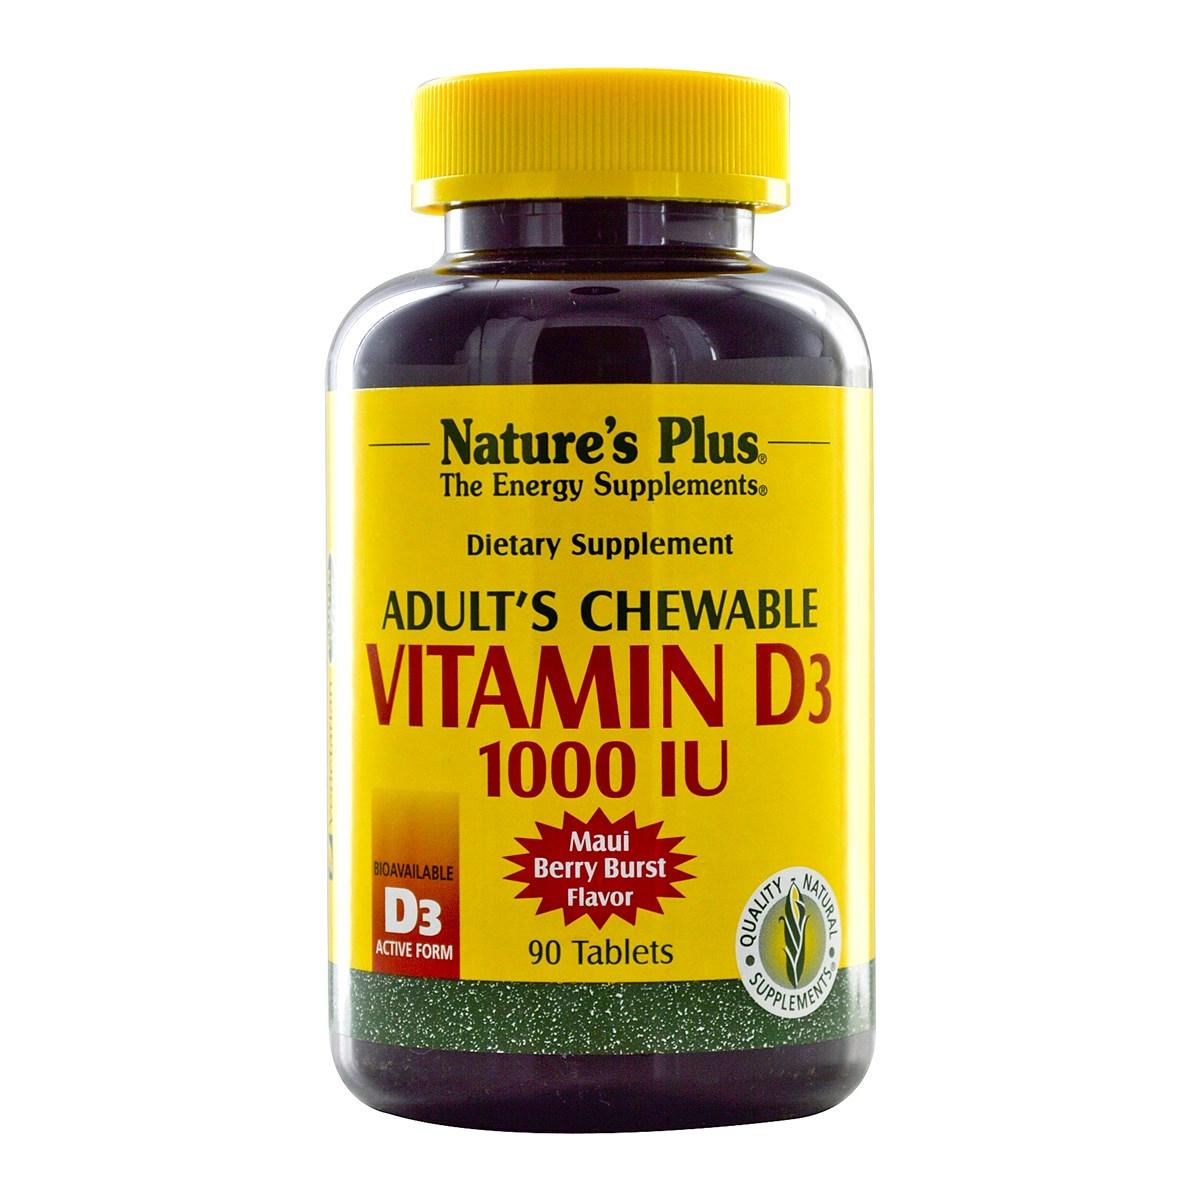 Natures Plus Adult's Chewable Vitamin D3 1000 IU - Maui Berry Burst Flavor